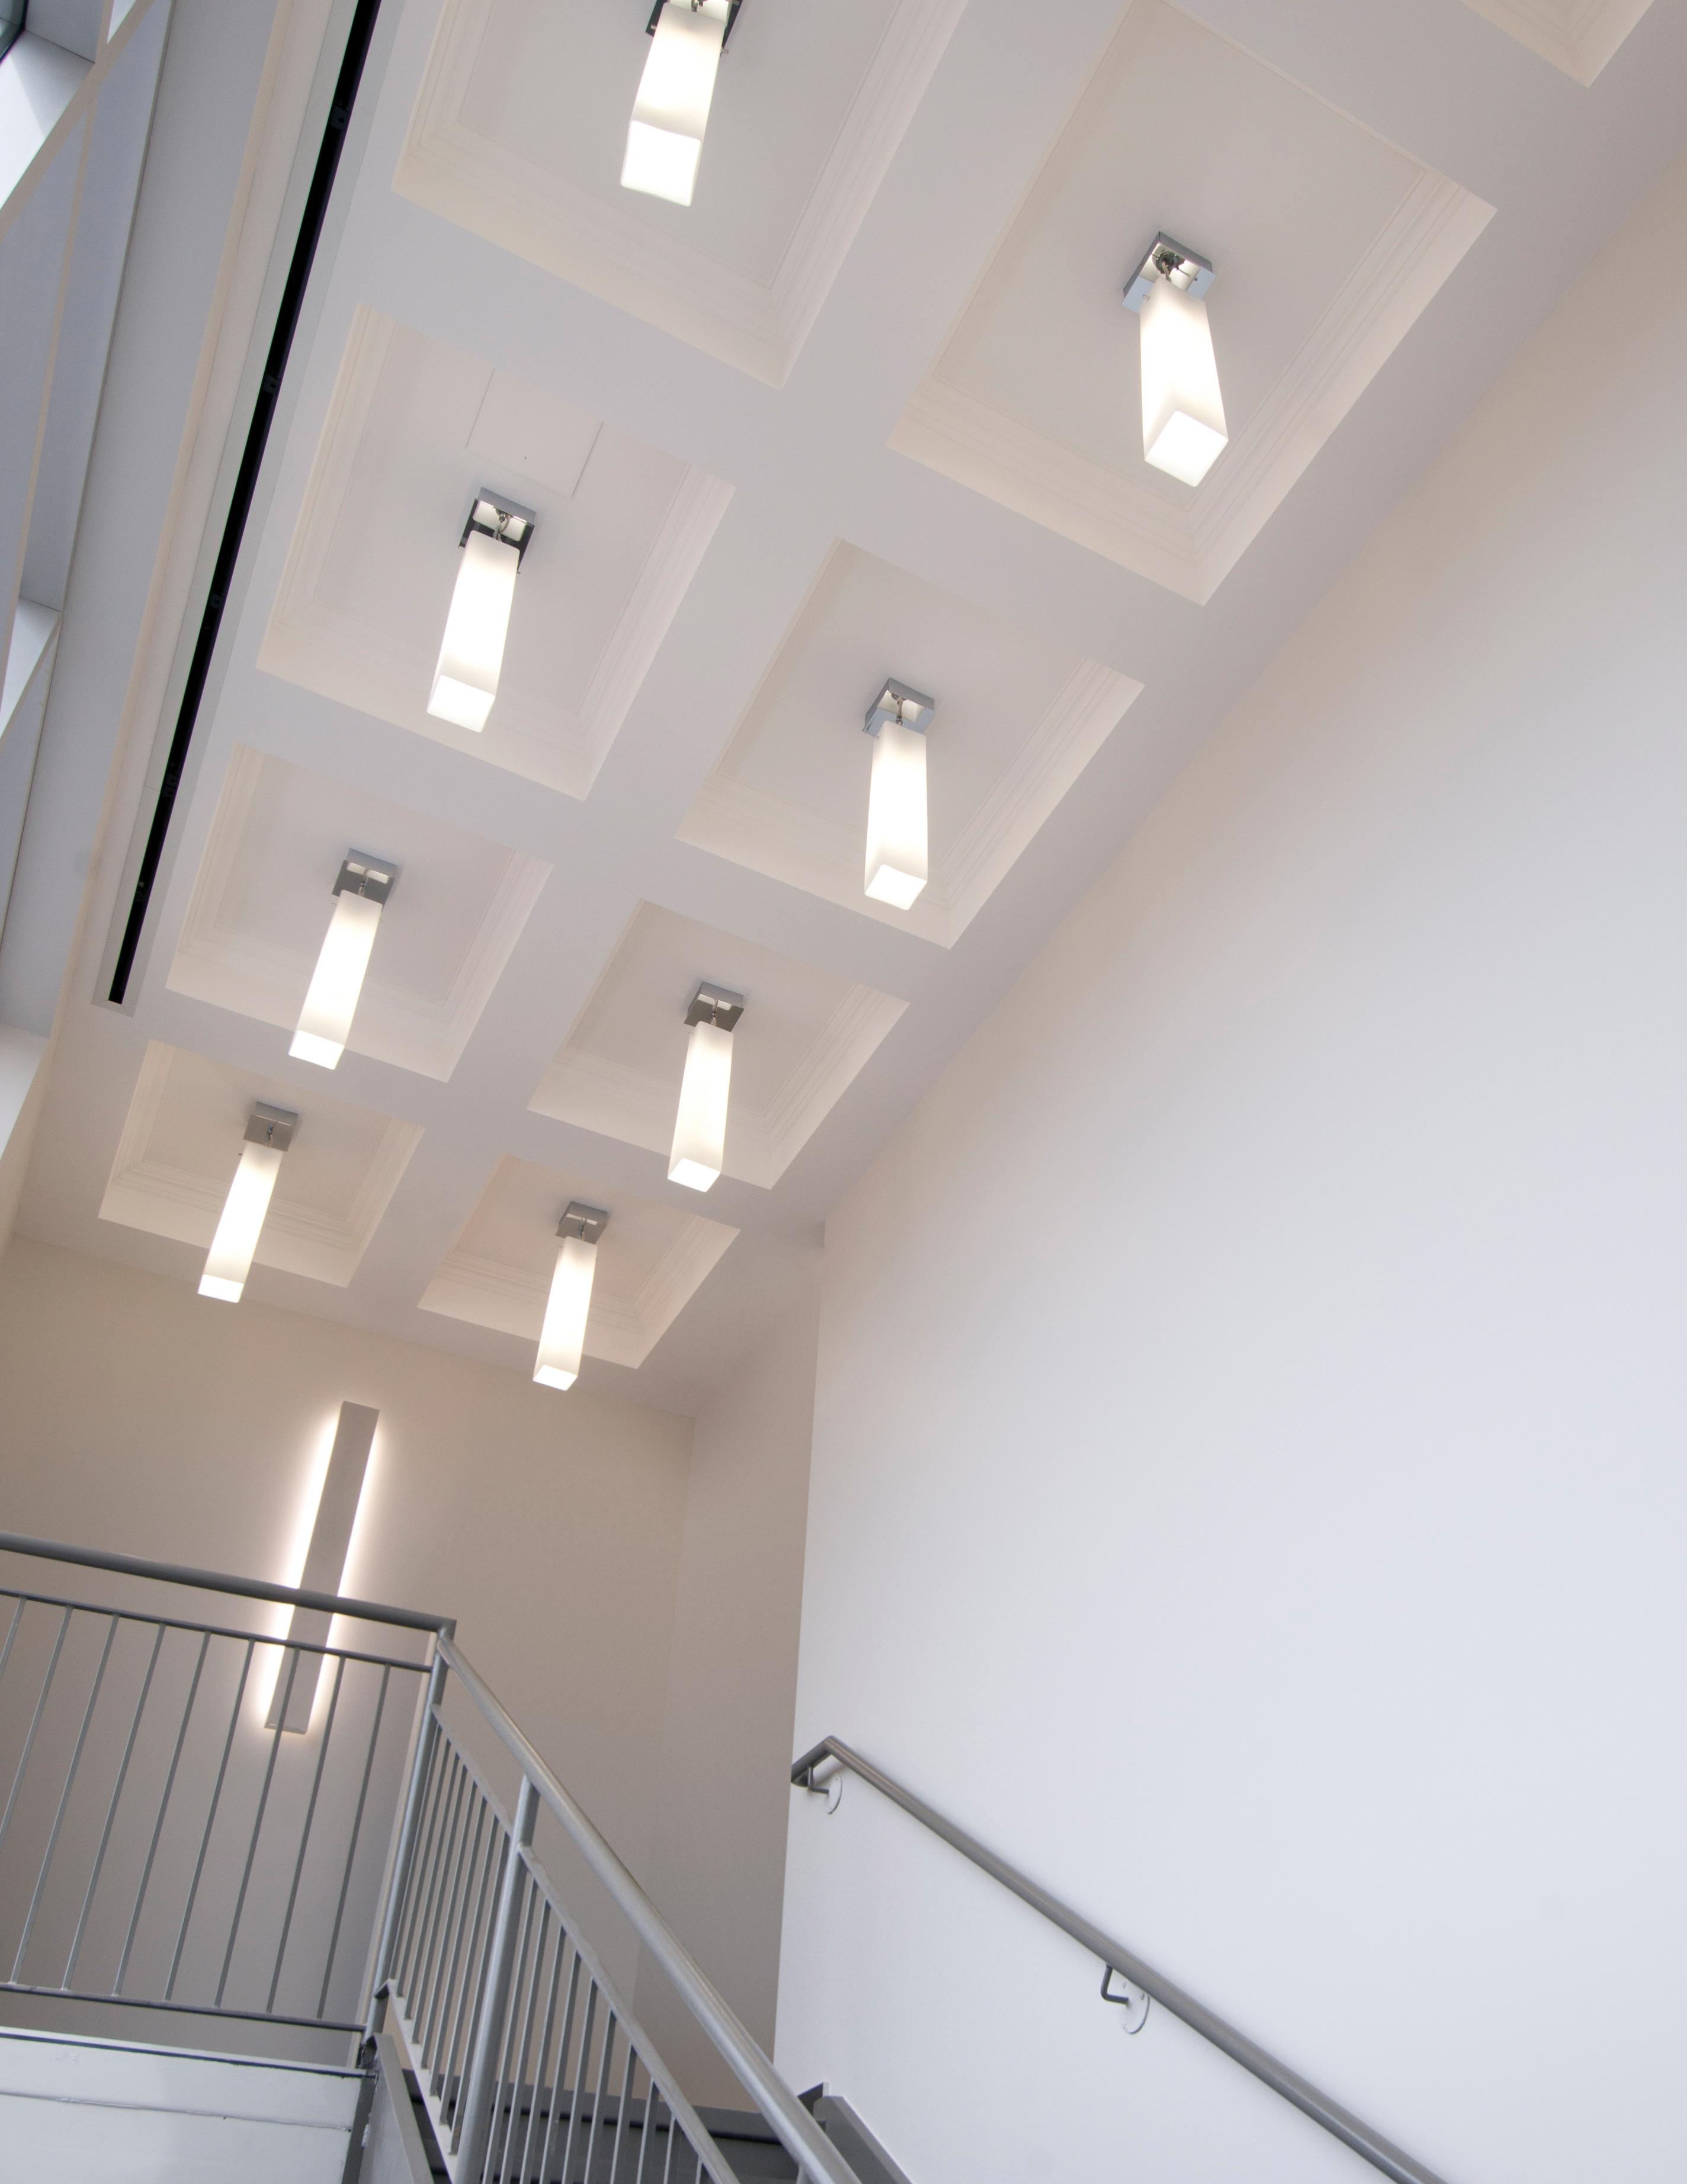 Delta 3 Light Bathroom Vanity Light: Delta Acrylic » Eureka Lighting